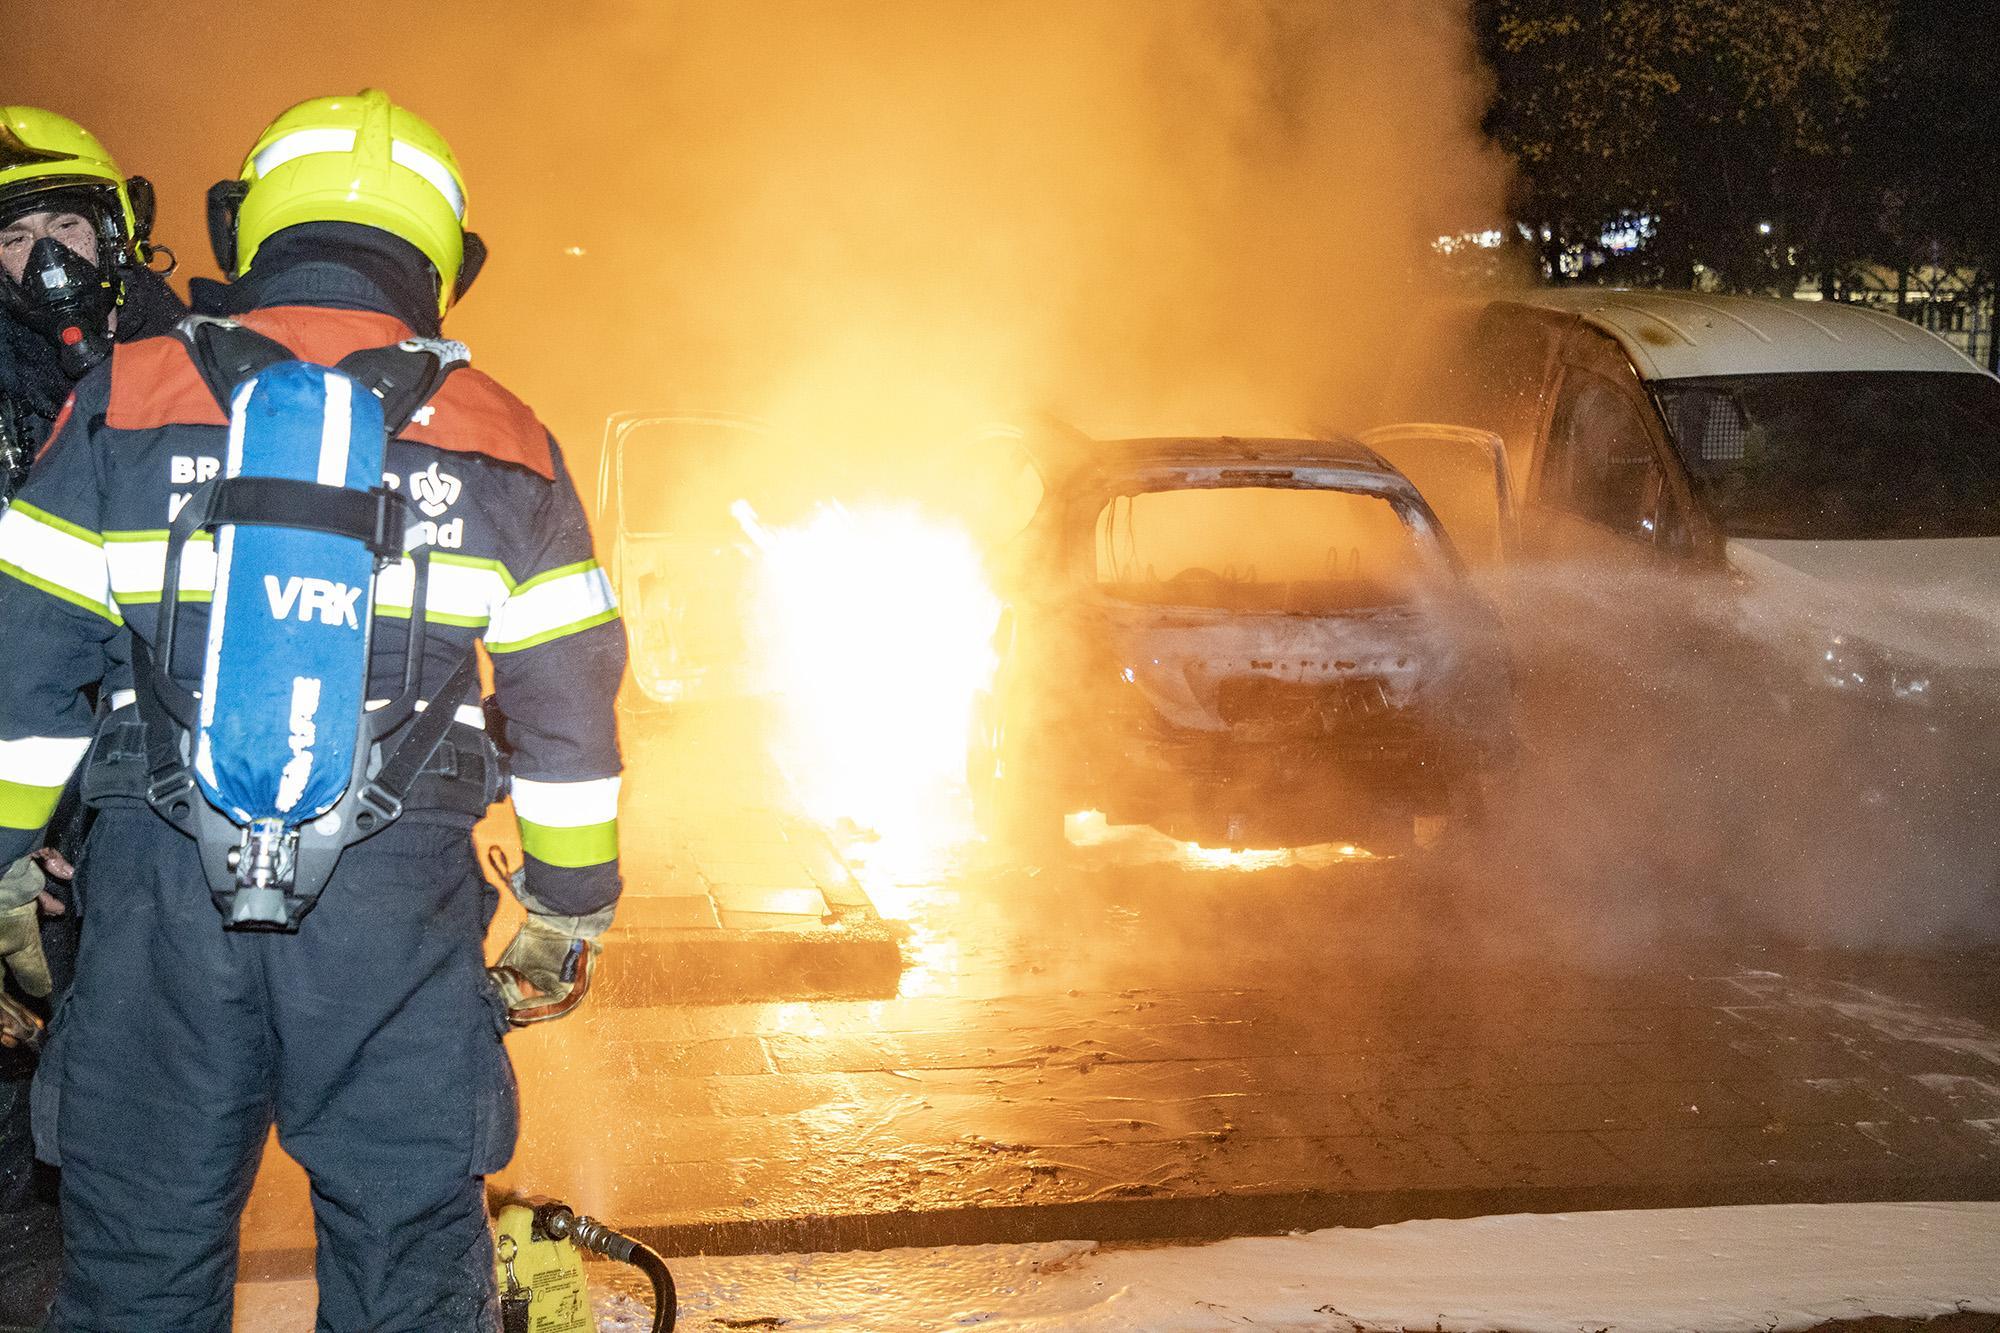 Veel schade bij autobrand in Heemstede, politie vindt lege fles lampenolie